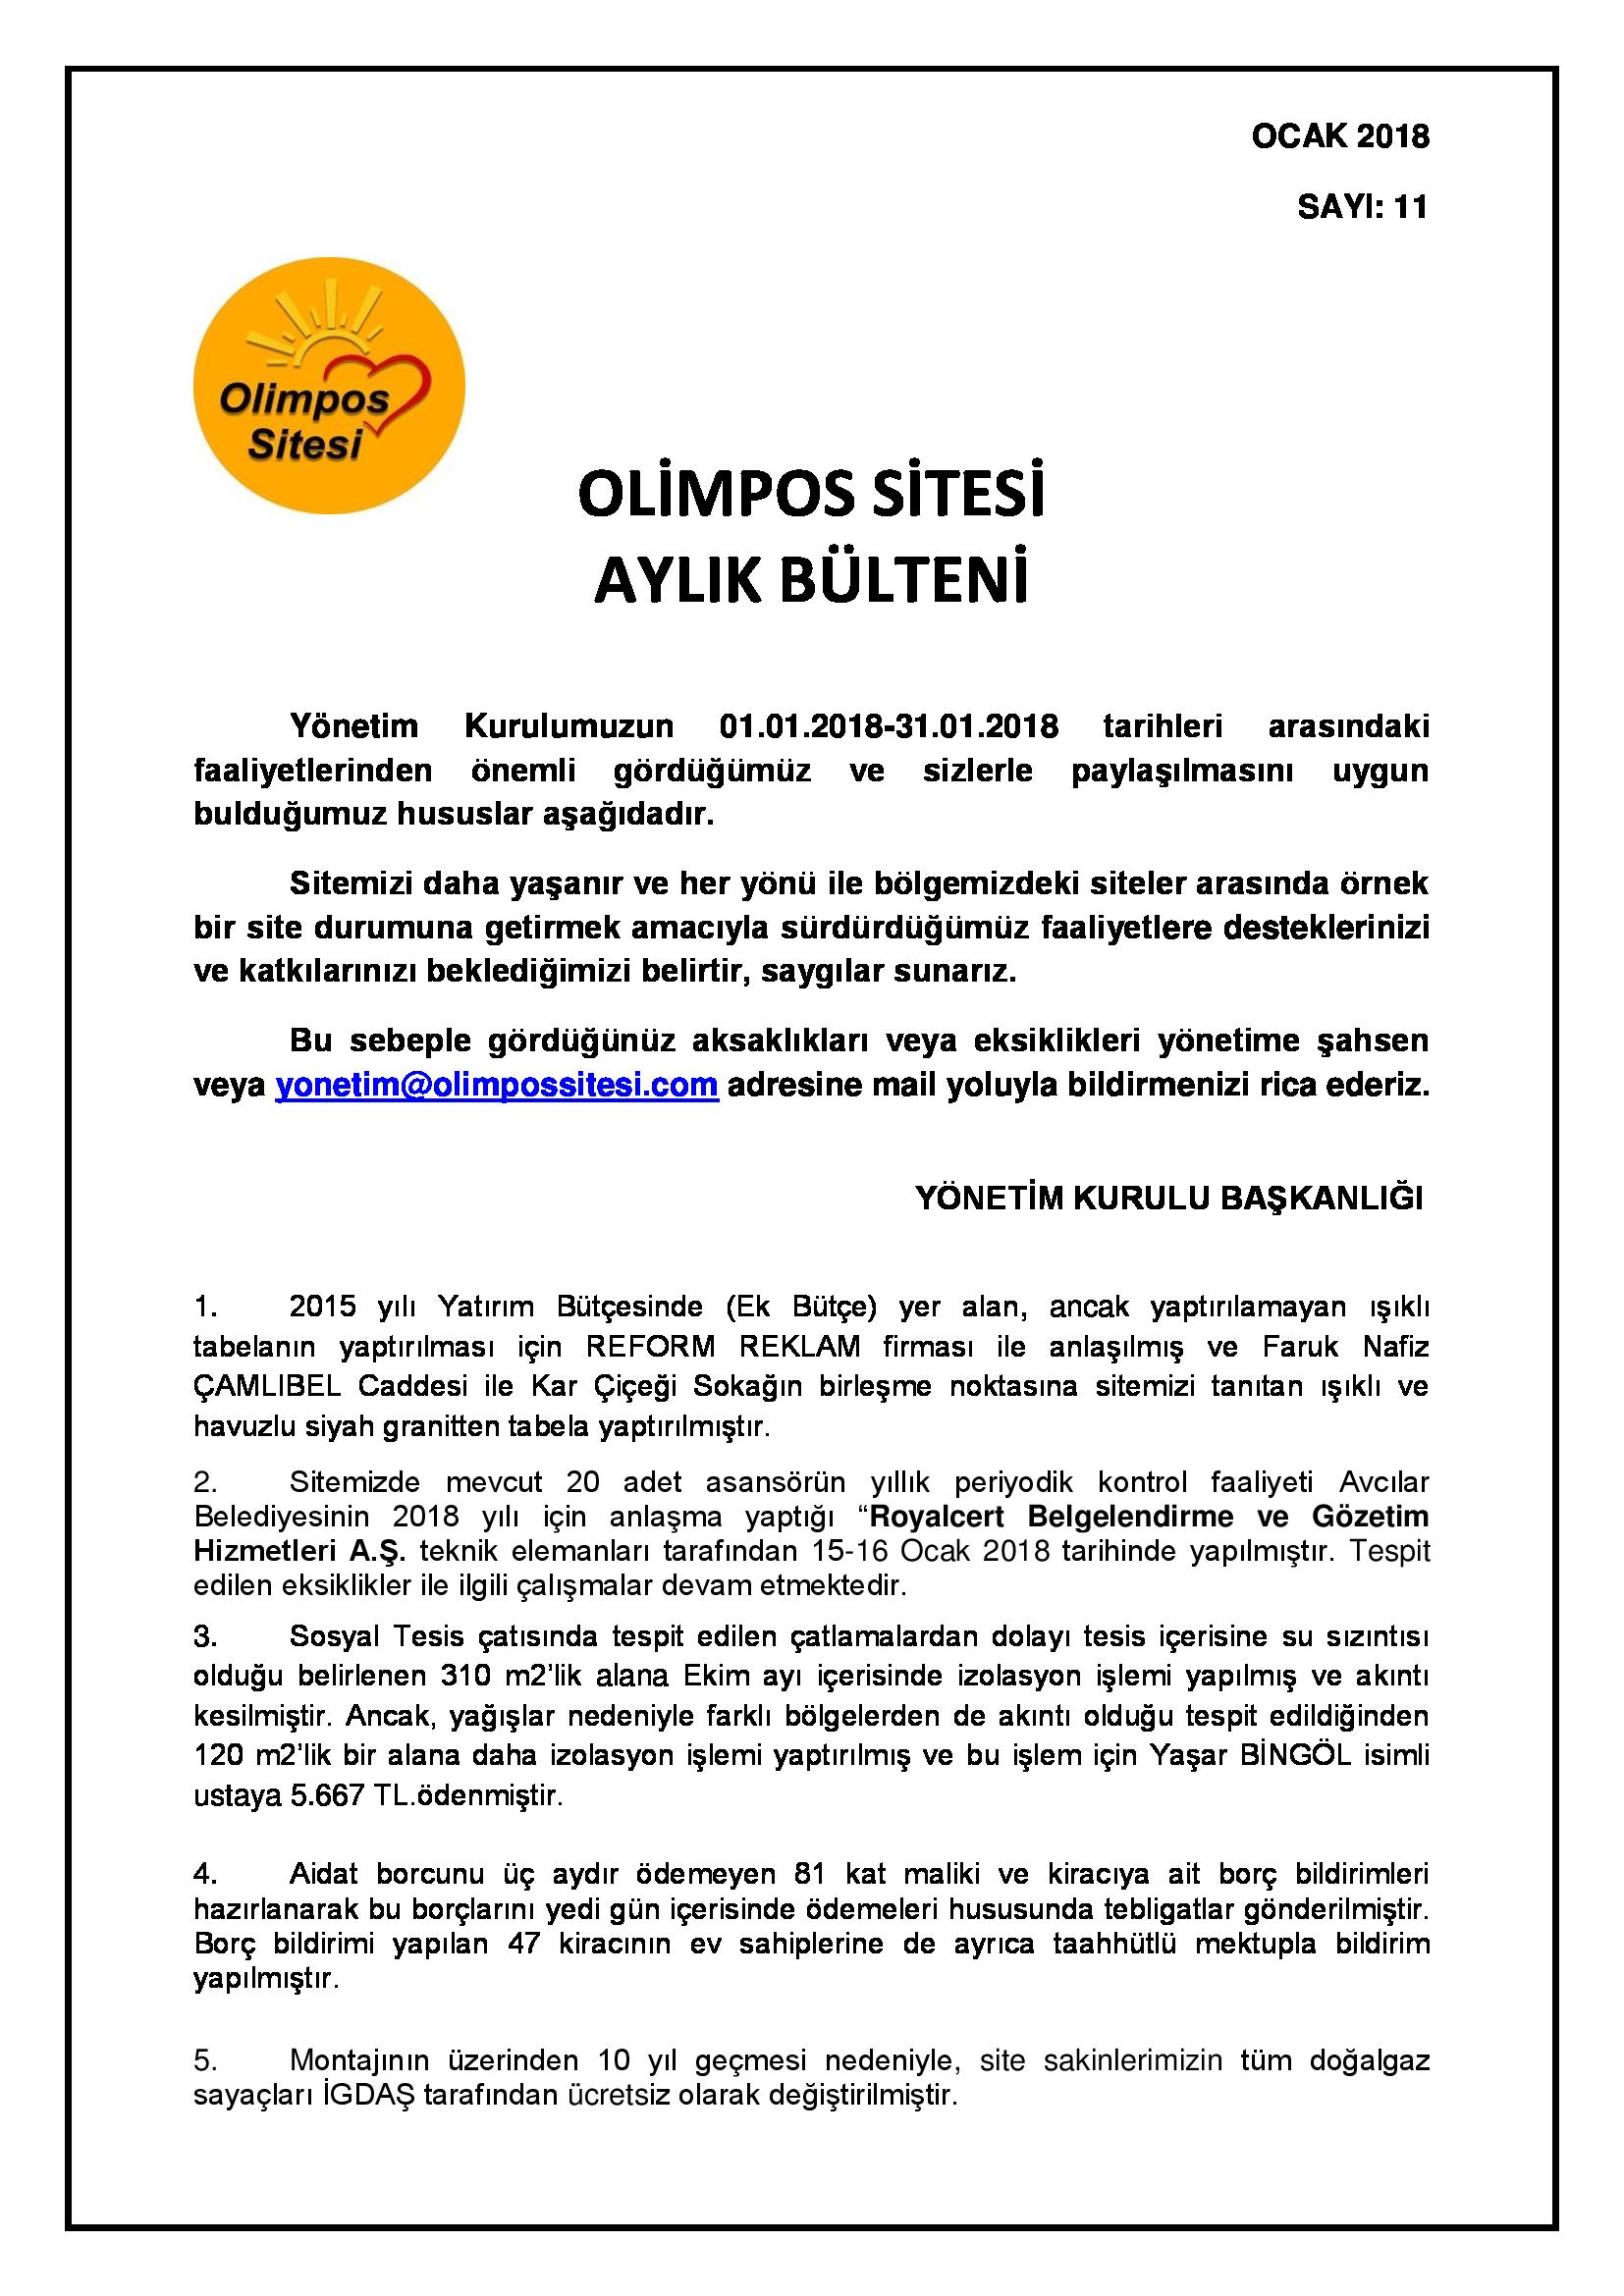 11-01.01.2018 OCAK-2018 BÜLTEN1-3